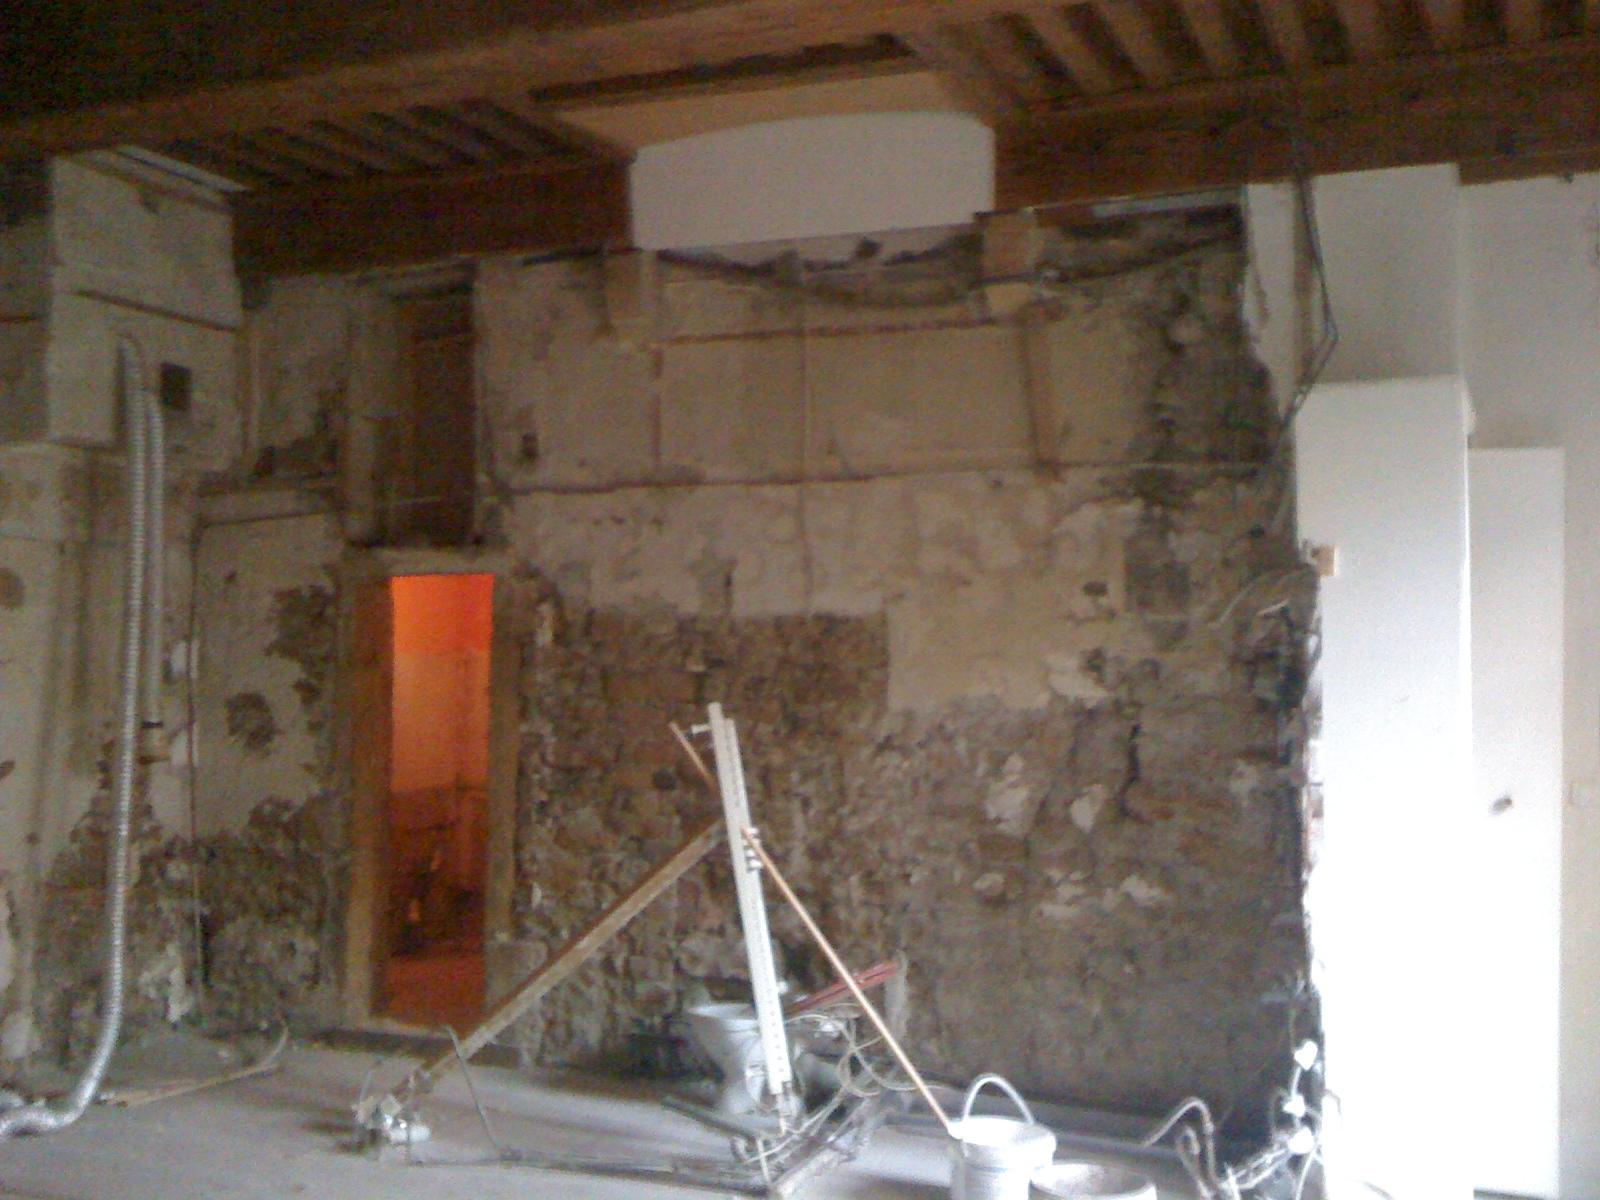 travaux d 39 interieur salle de bain plomberie peinture carrelage. Black Bedroom Furniture Sets. Home Design Ideas